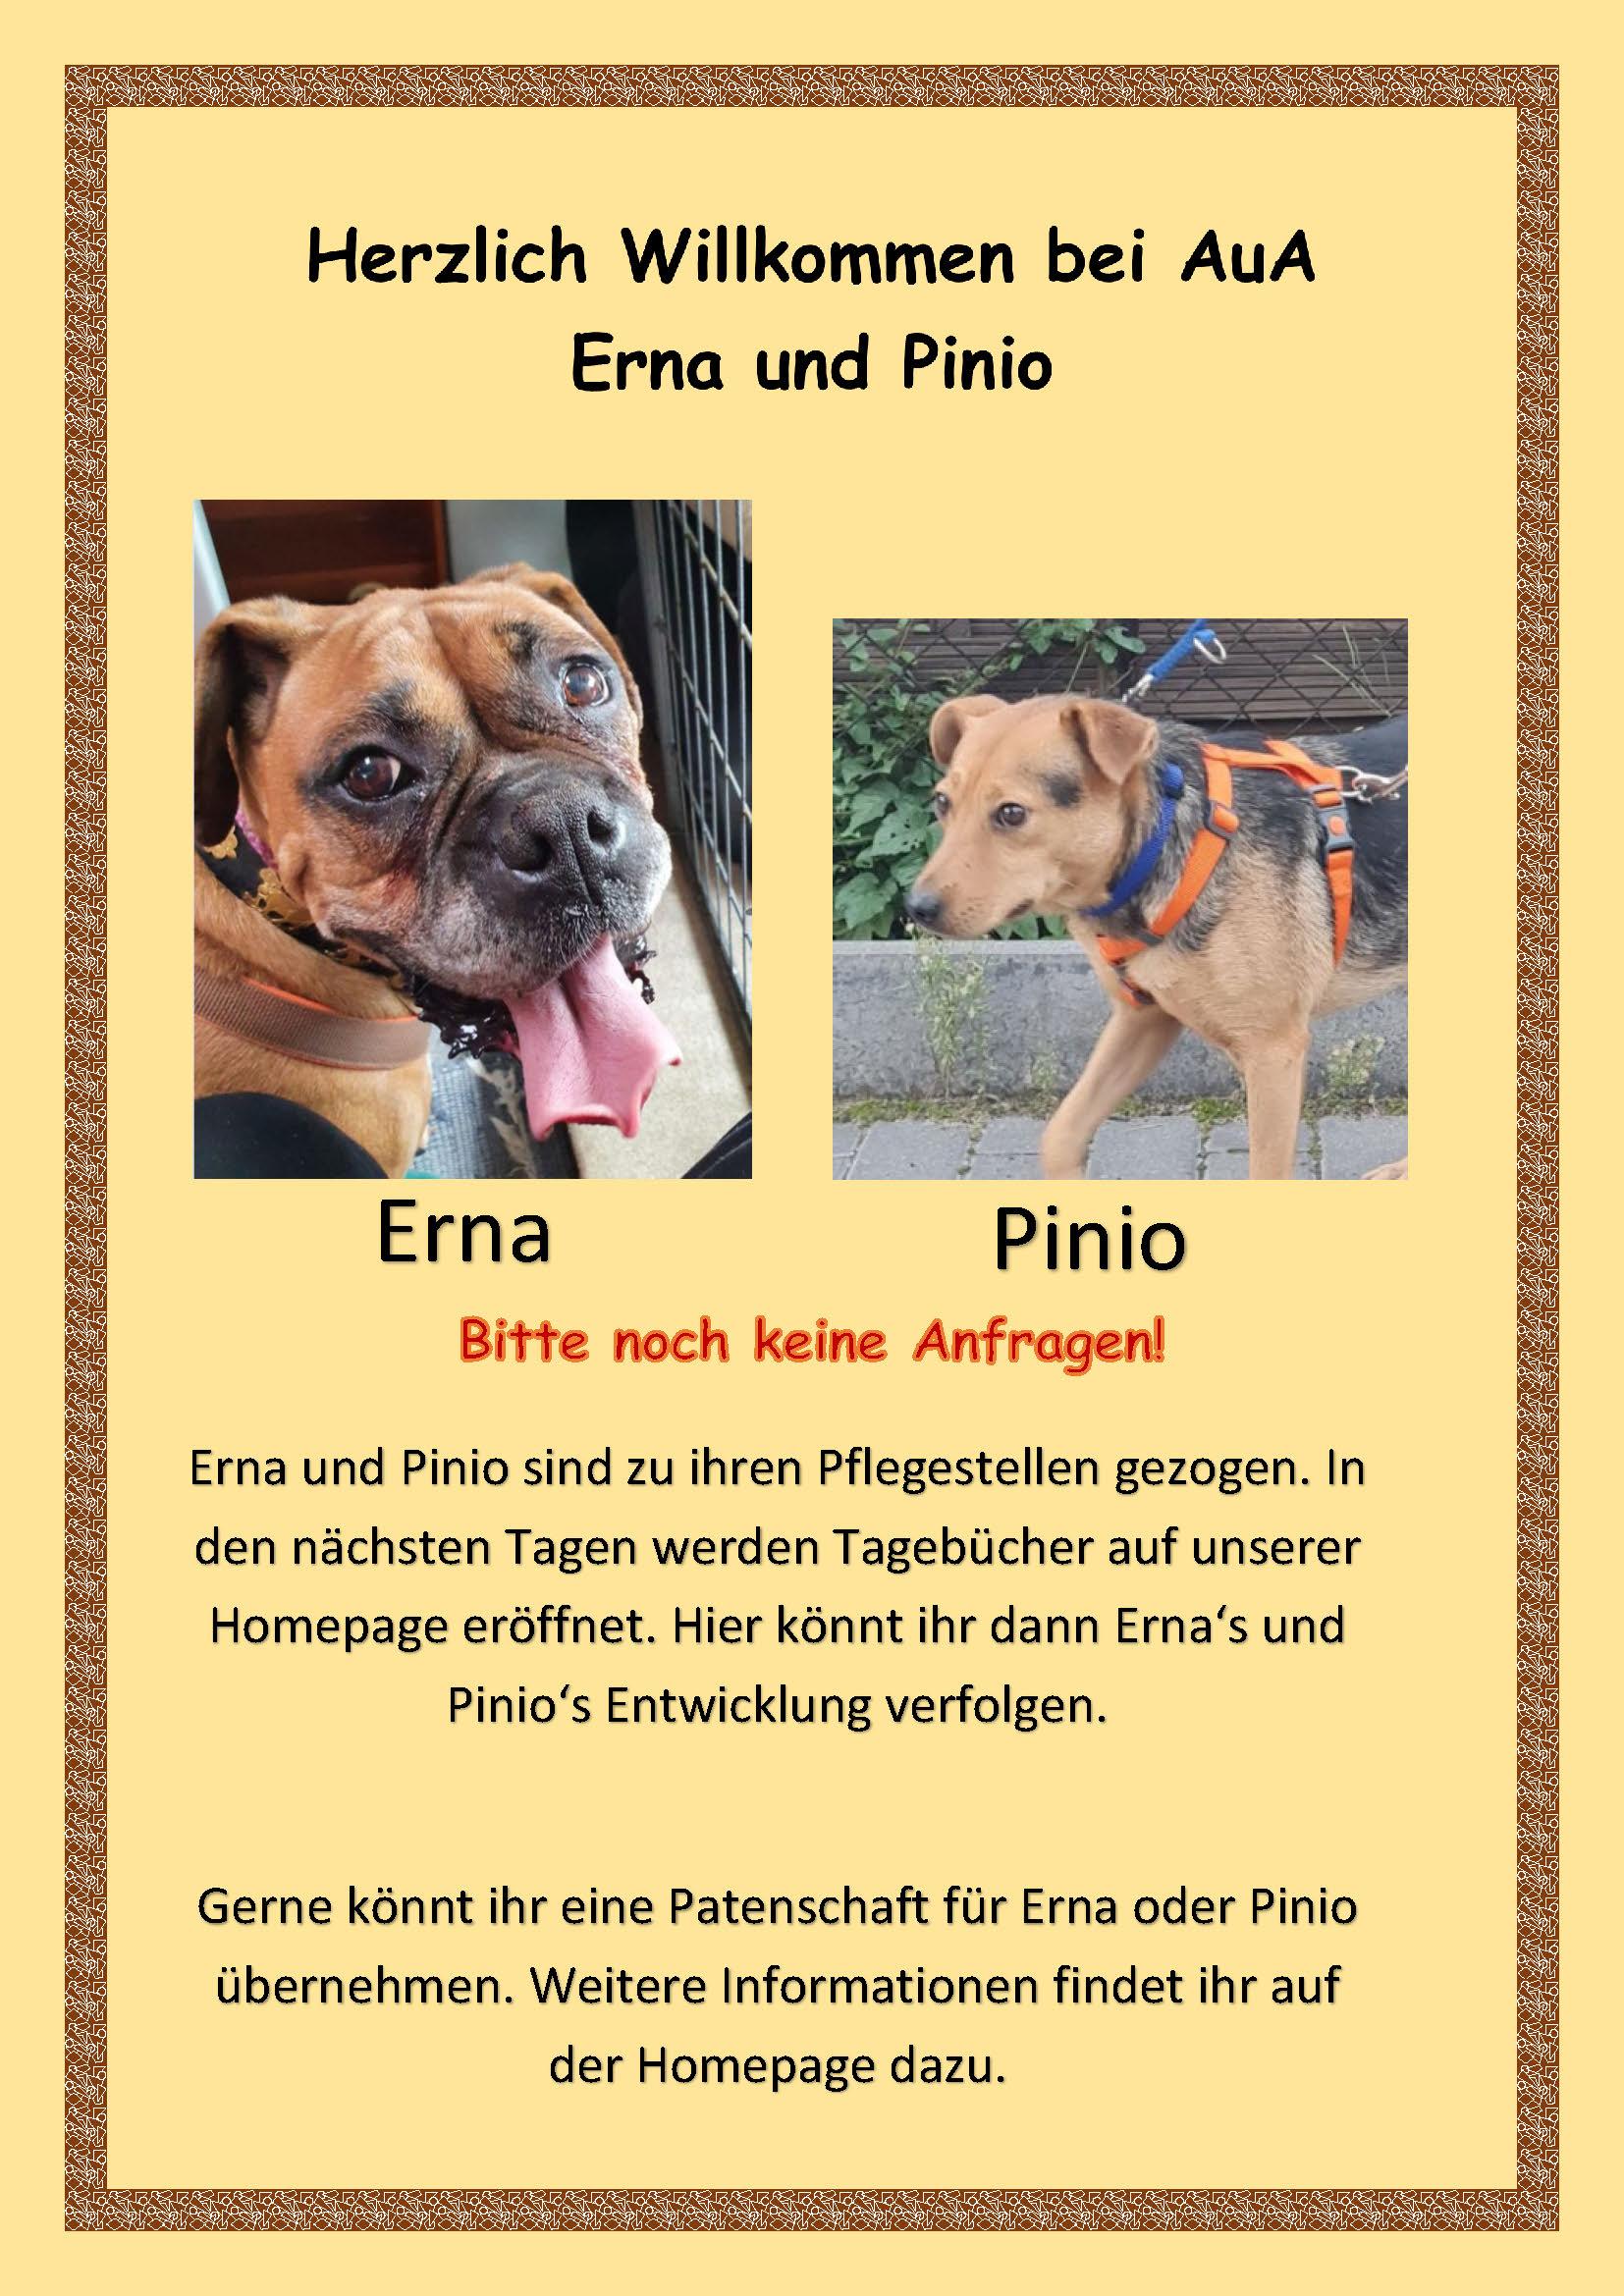 Text zu Erna und Pinio